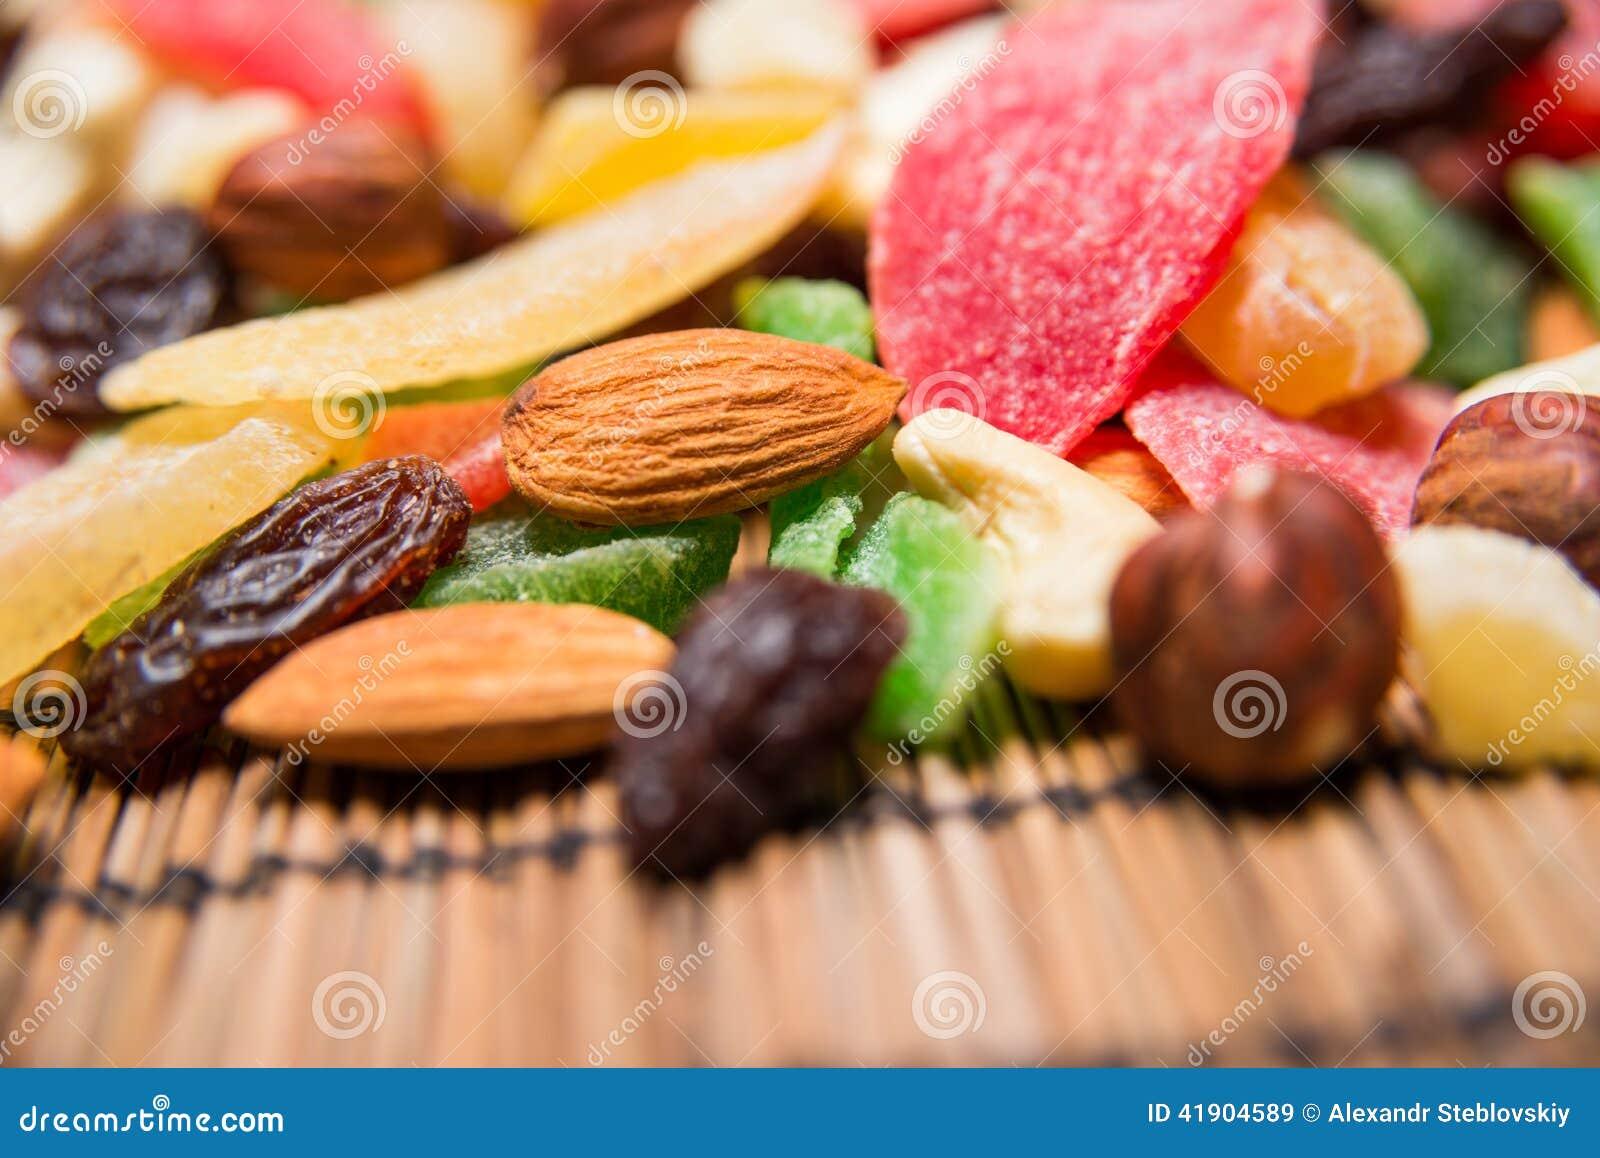 Frutas Nuts y secadas